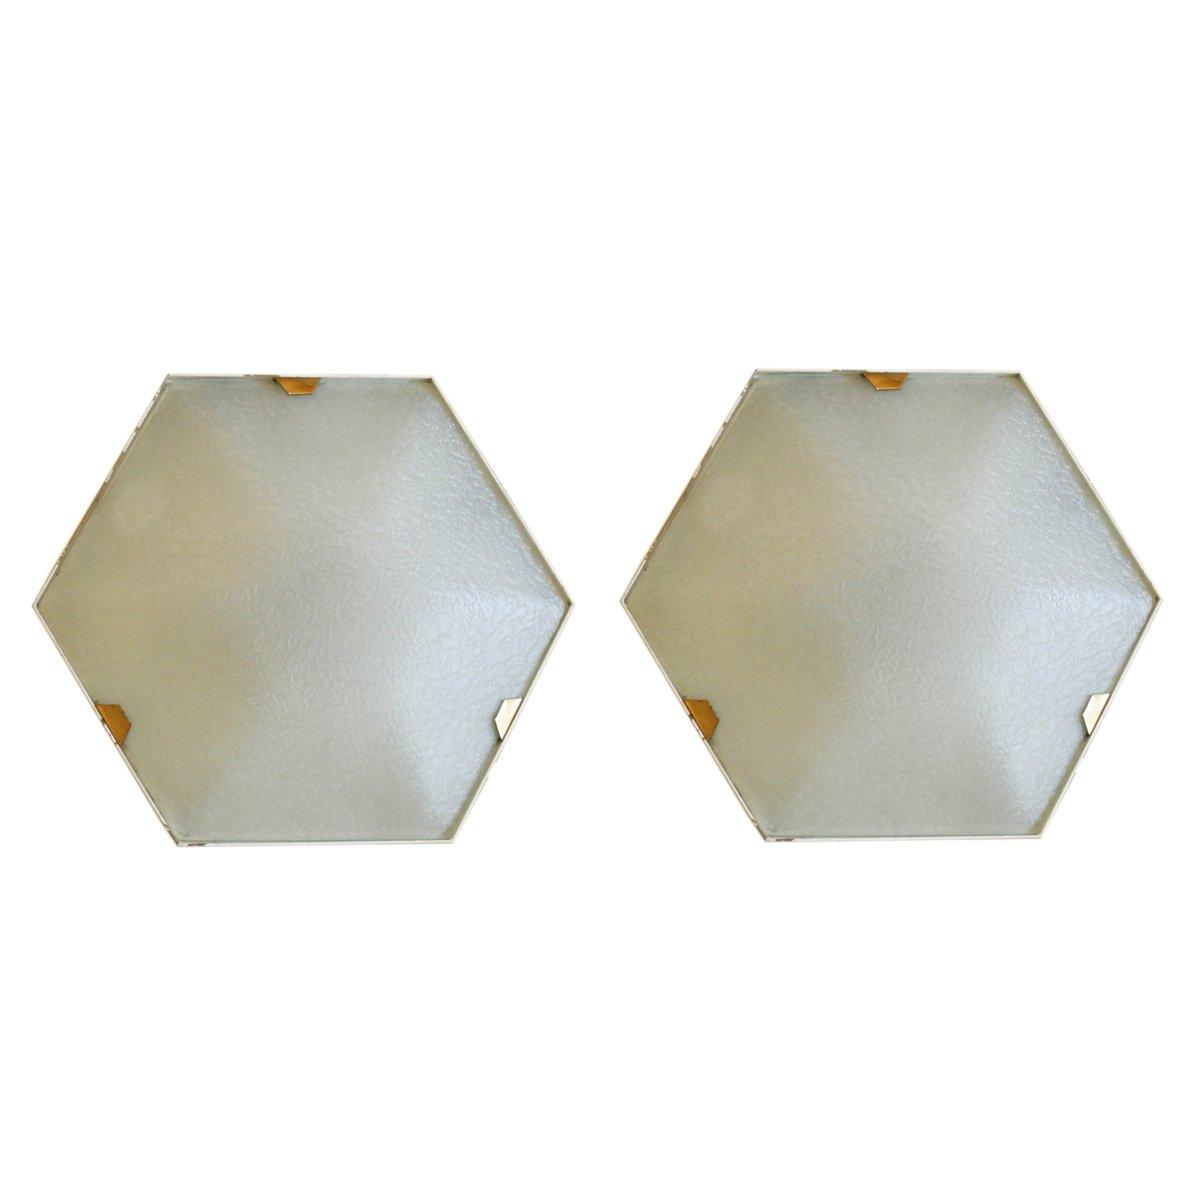 Hexagonale Wandlampen von Stilnovo, 1950er, 2er Set